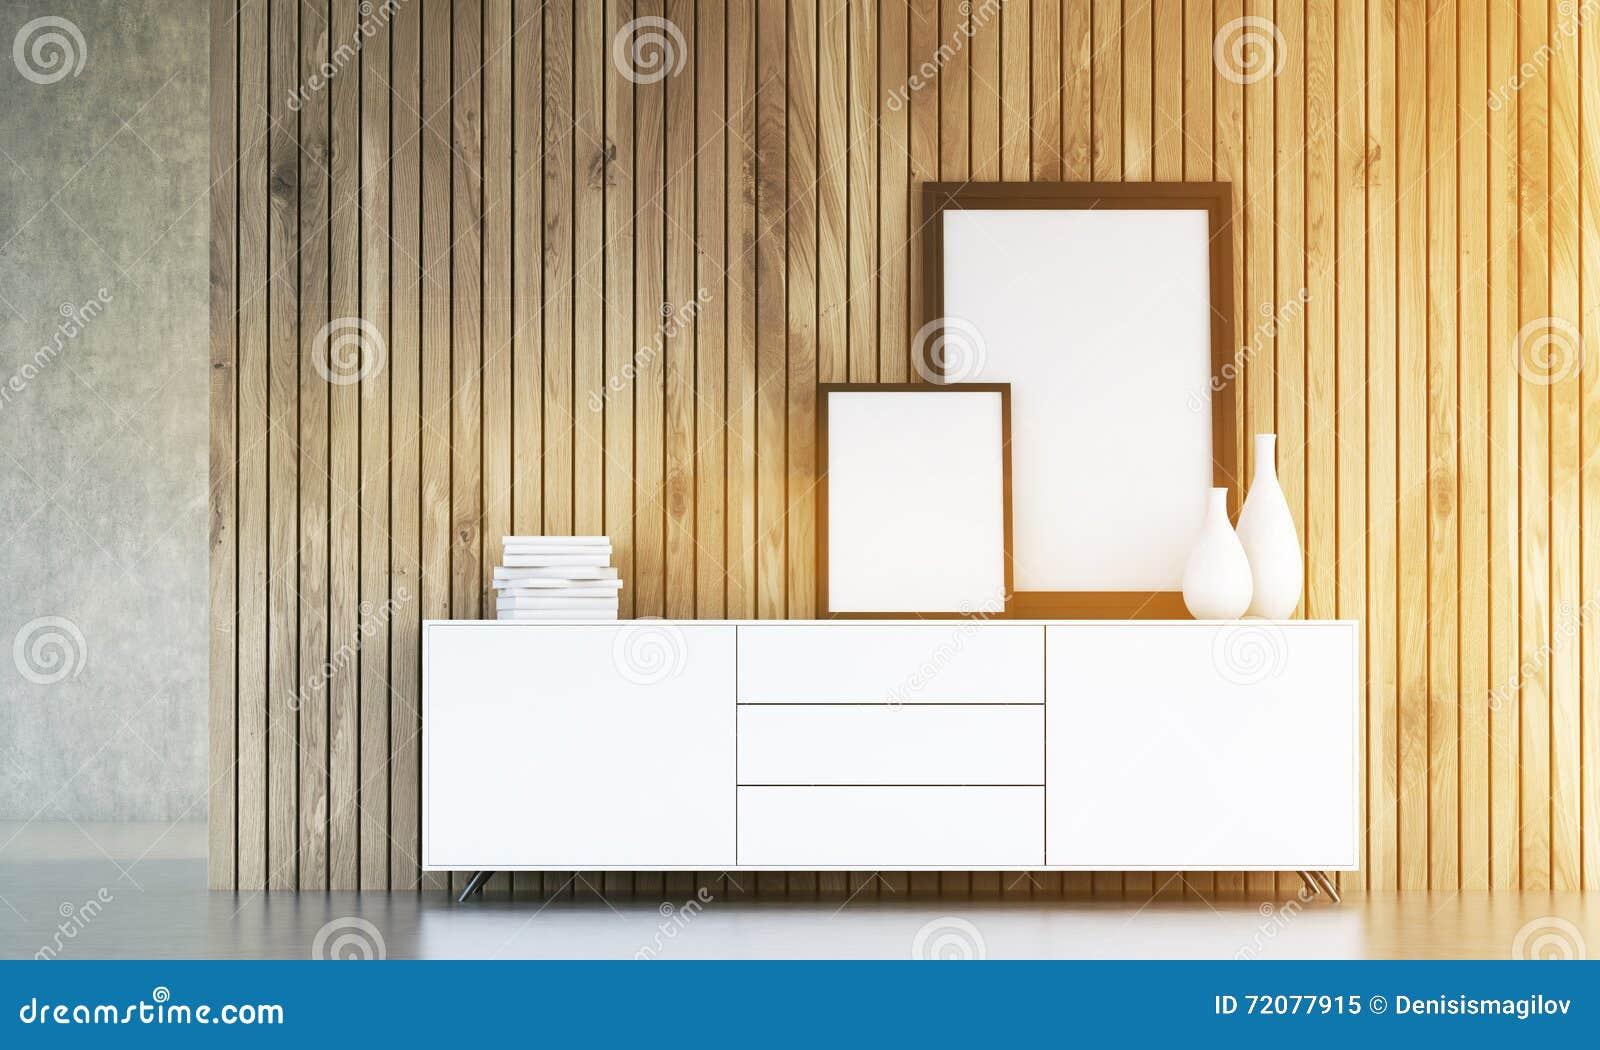 Schrank Mit Dem Rahmentonen Stock Abbildung - Illustration von feld ...